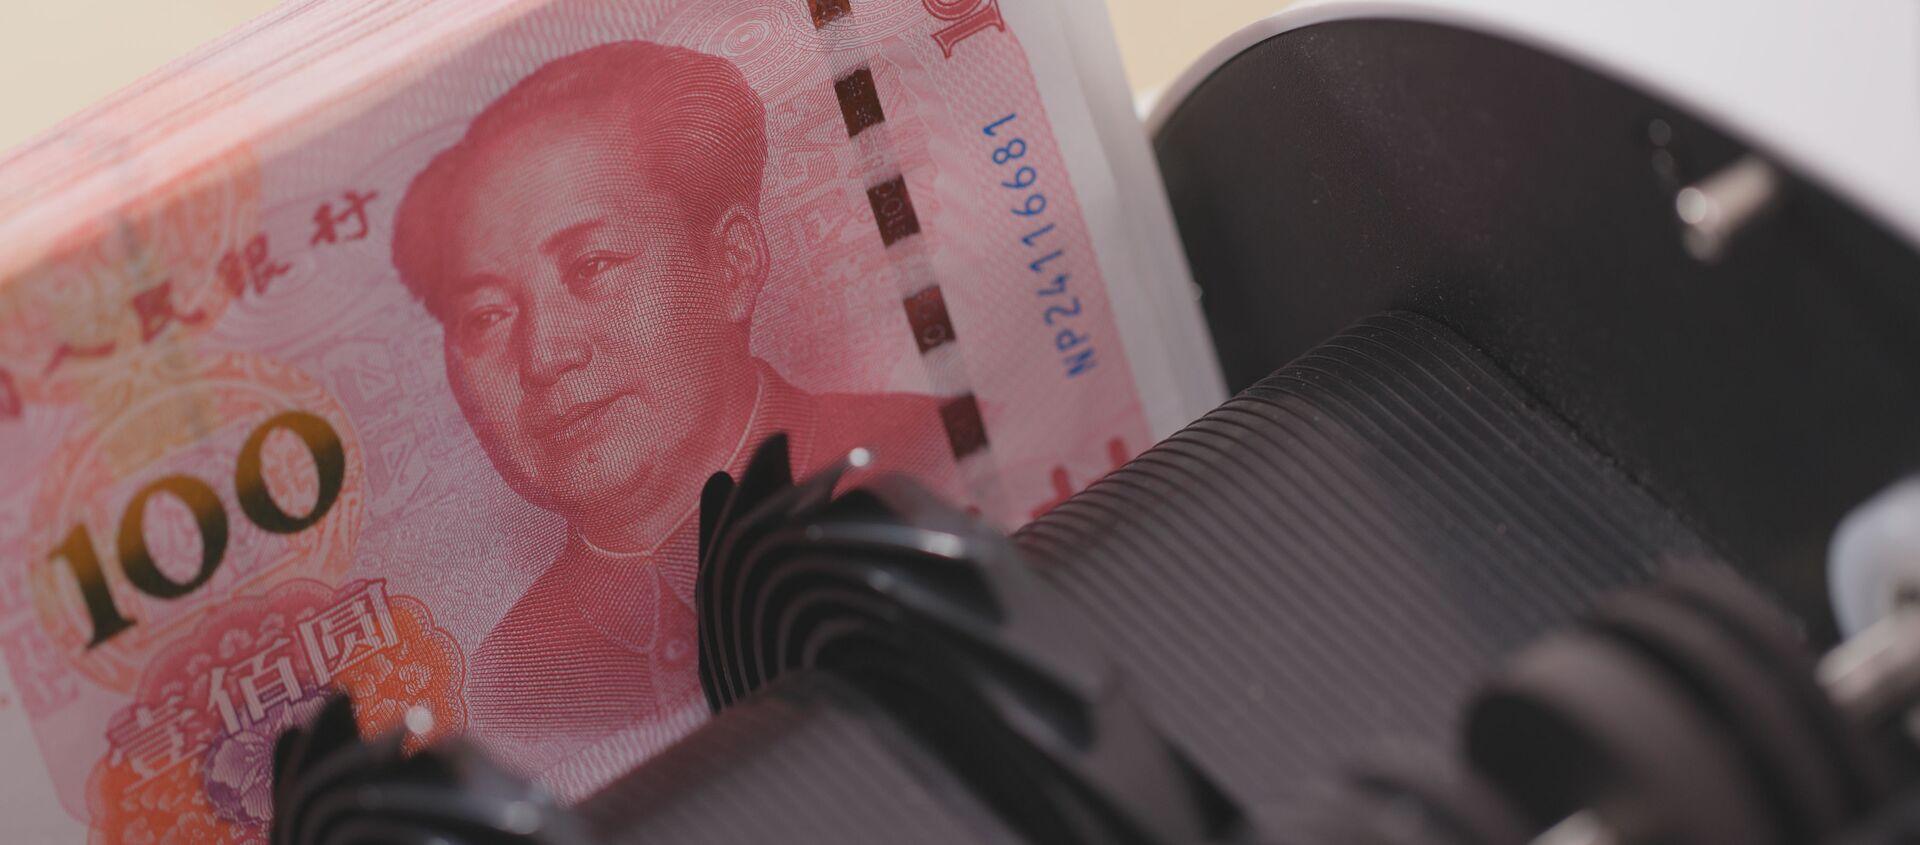 Счетчик денег проверяет номера банкнот пачки китайских юаней - Sputnik Việt Nam, 1920, 01.12.2020